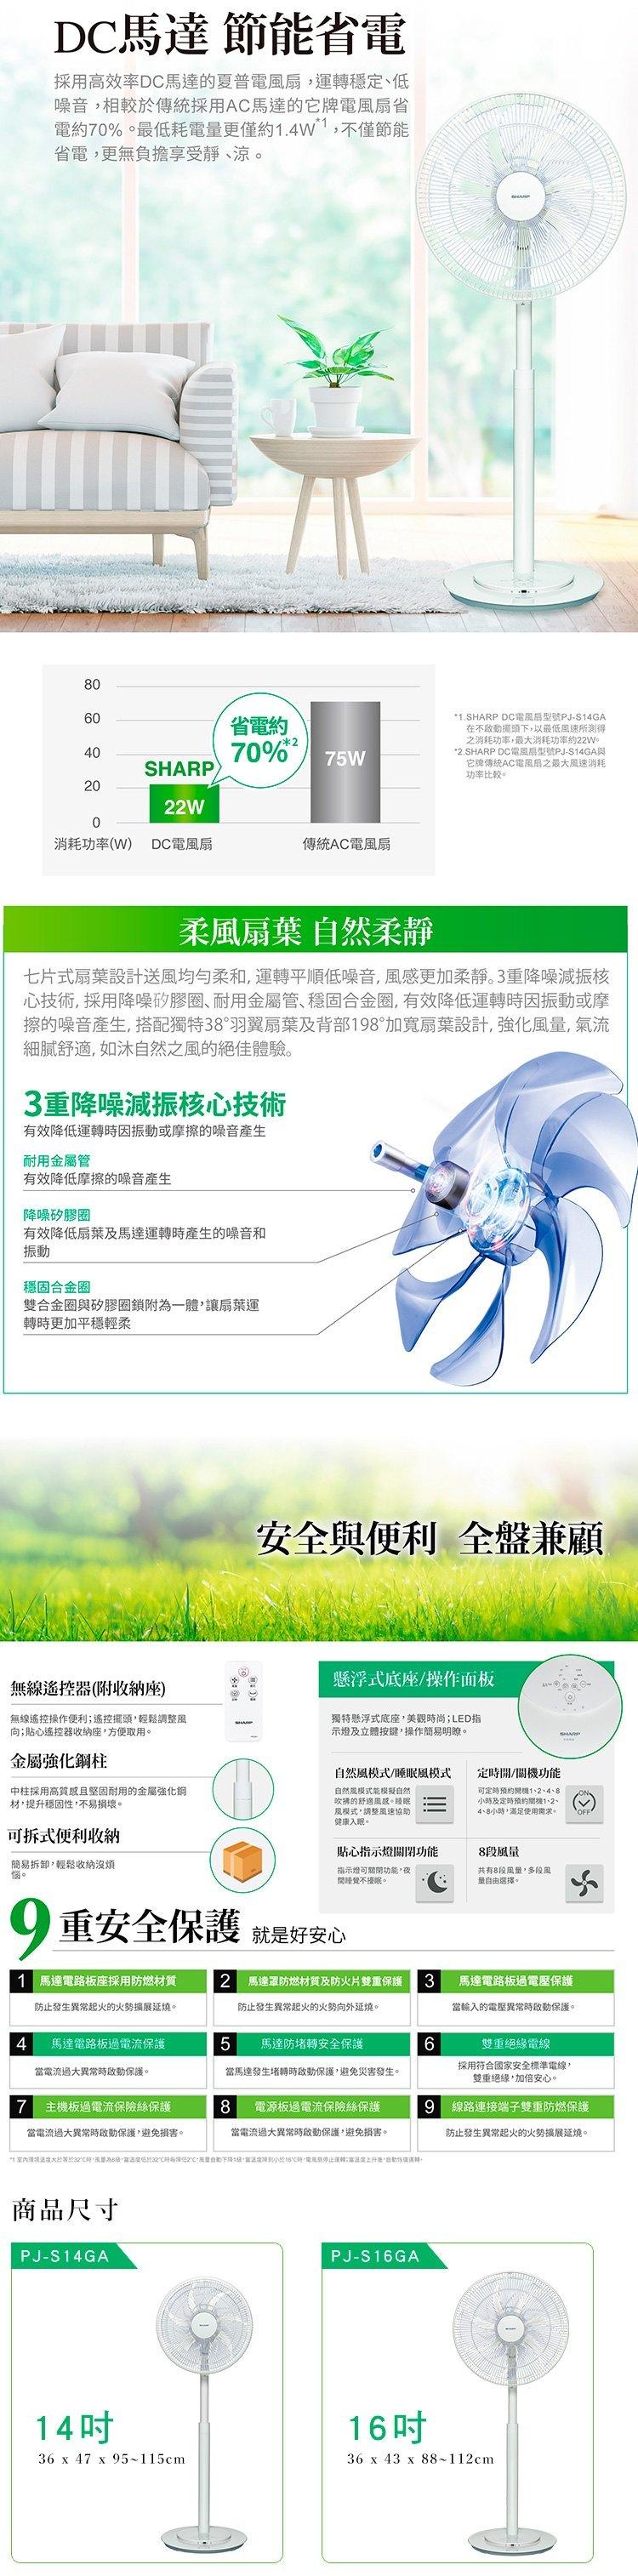 SHARP 夏普 PJ-S14GA 電風扇 14吋 DC 靜音馬達 立扇